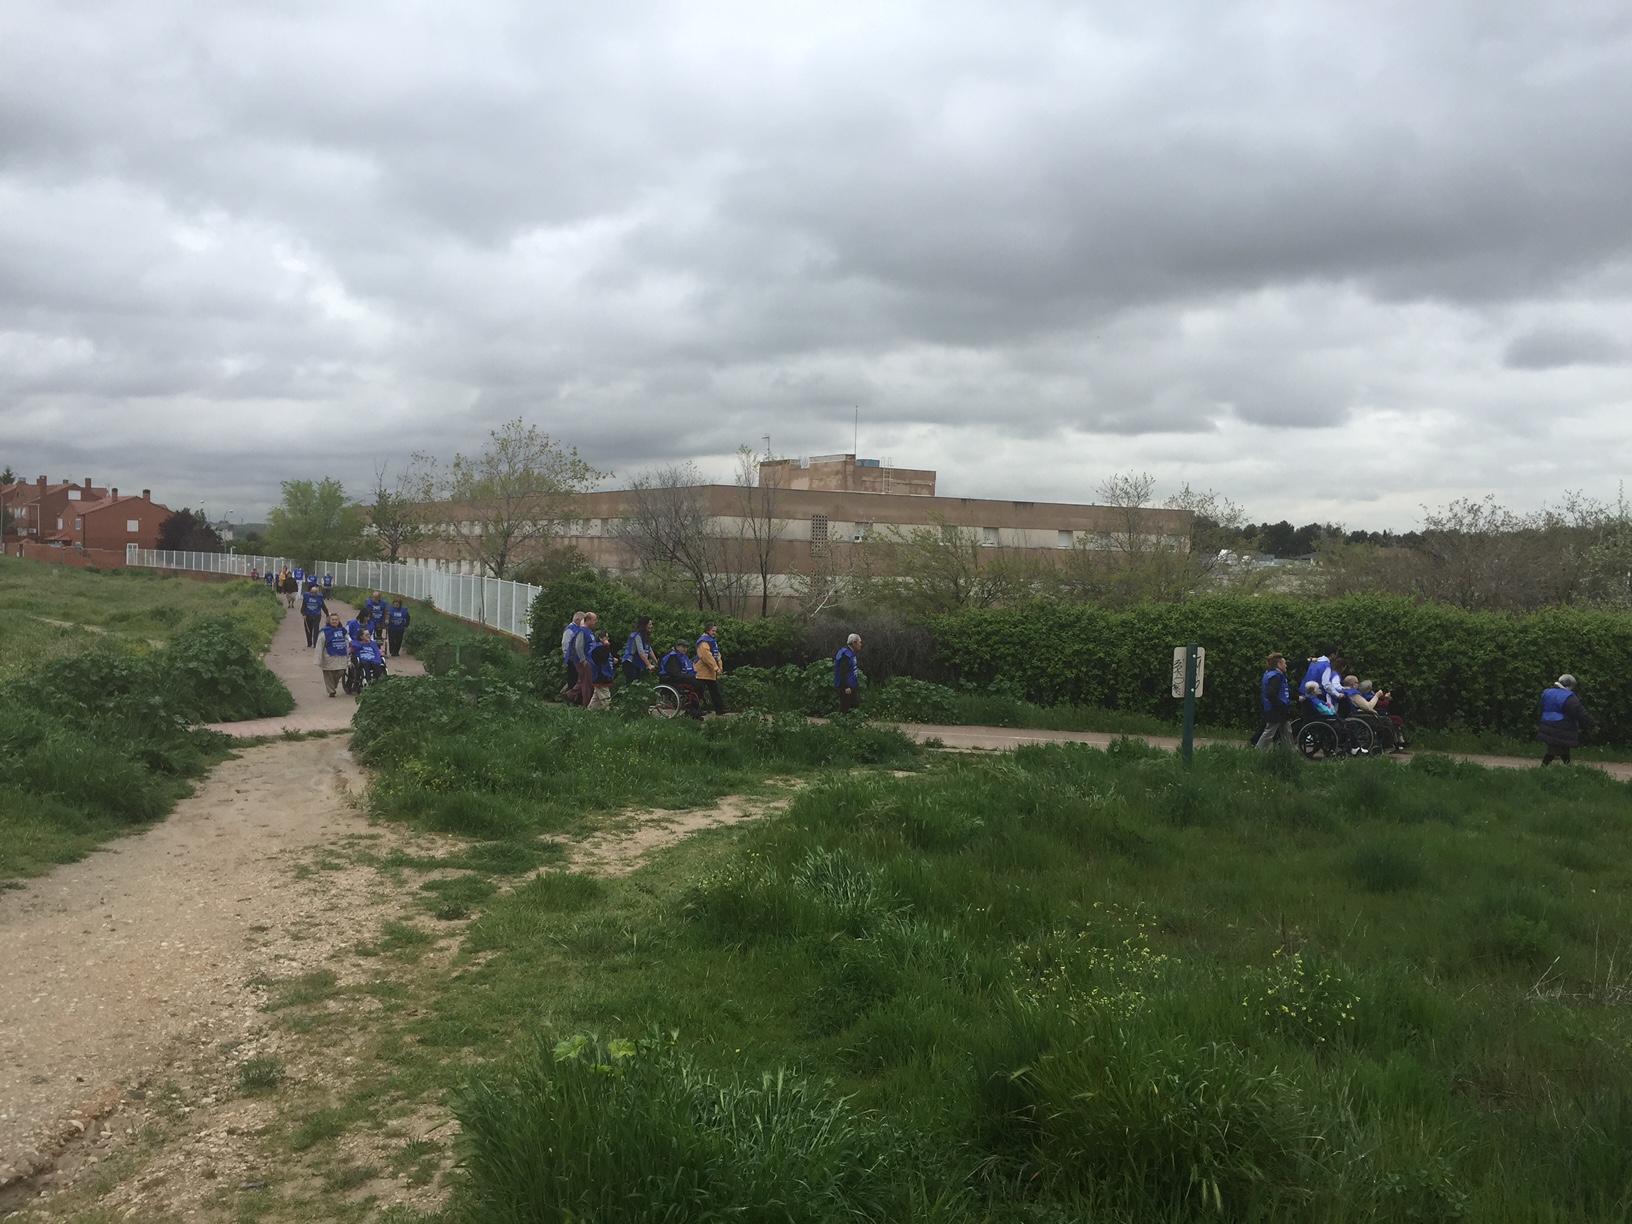 Parque Coslasda kms1